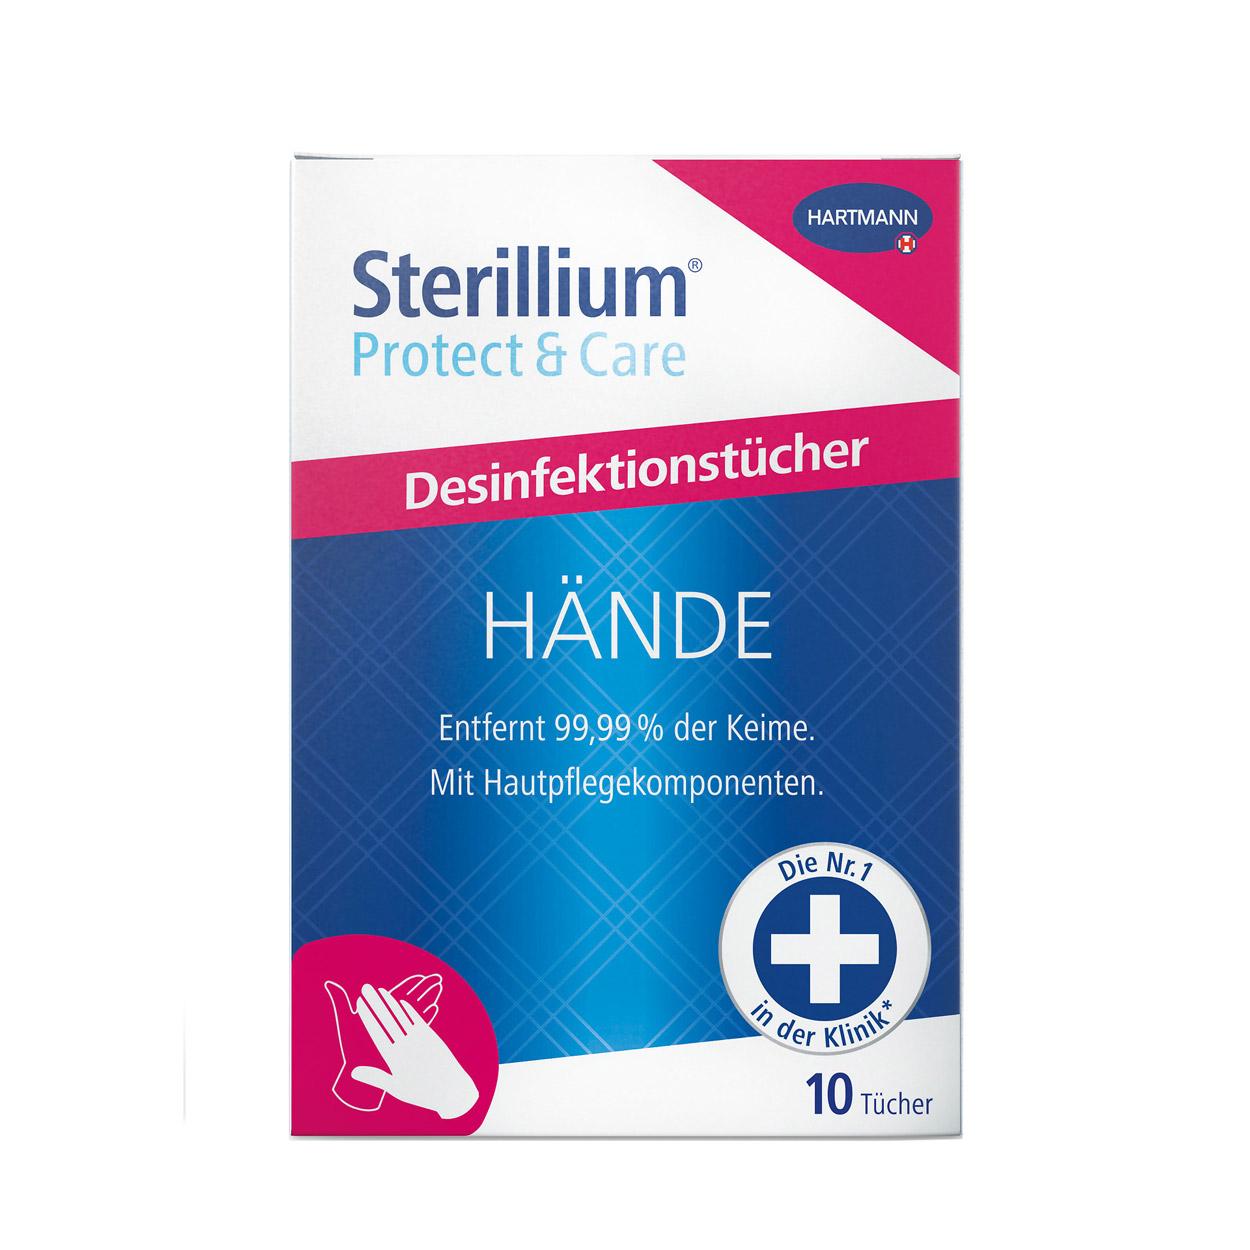 Sterillium® Protect & Care Händedesinfektionstücher, 10 Tücher